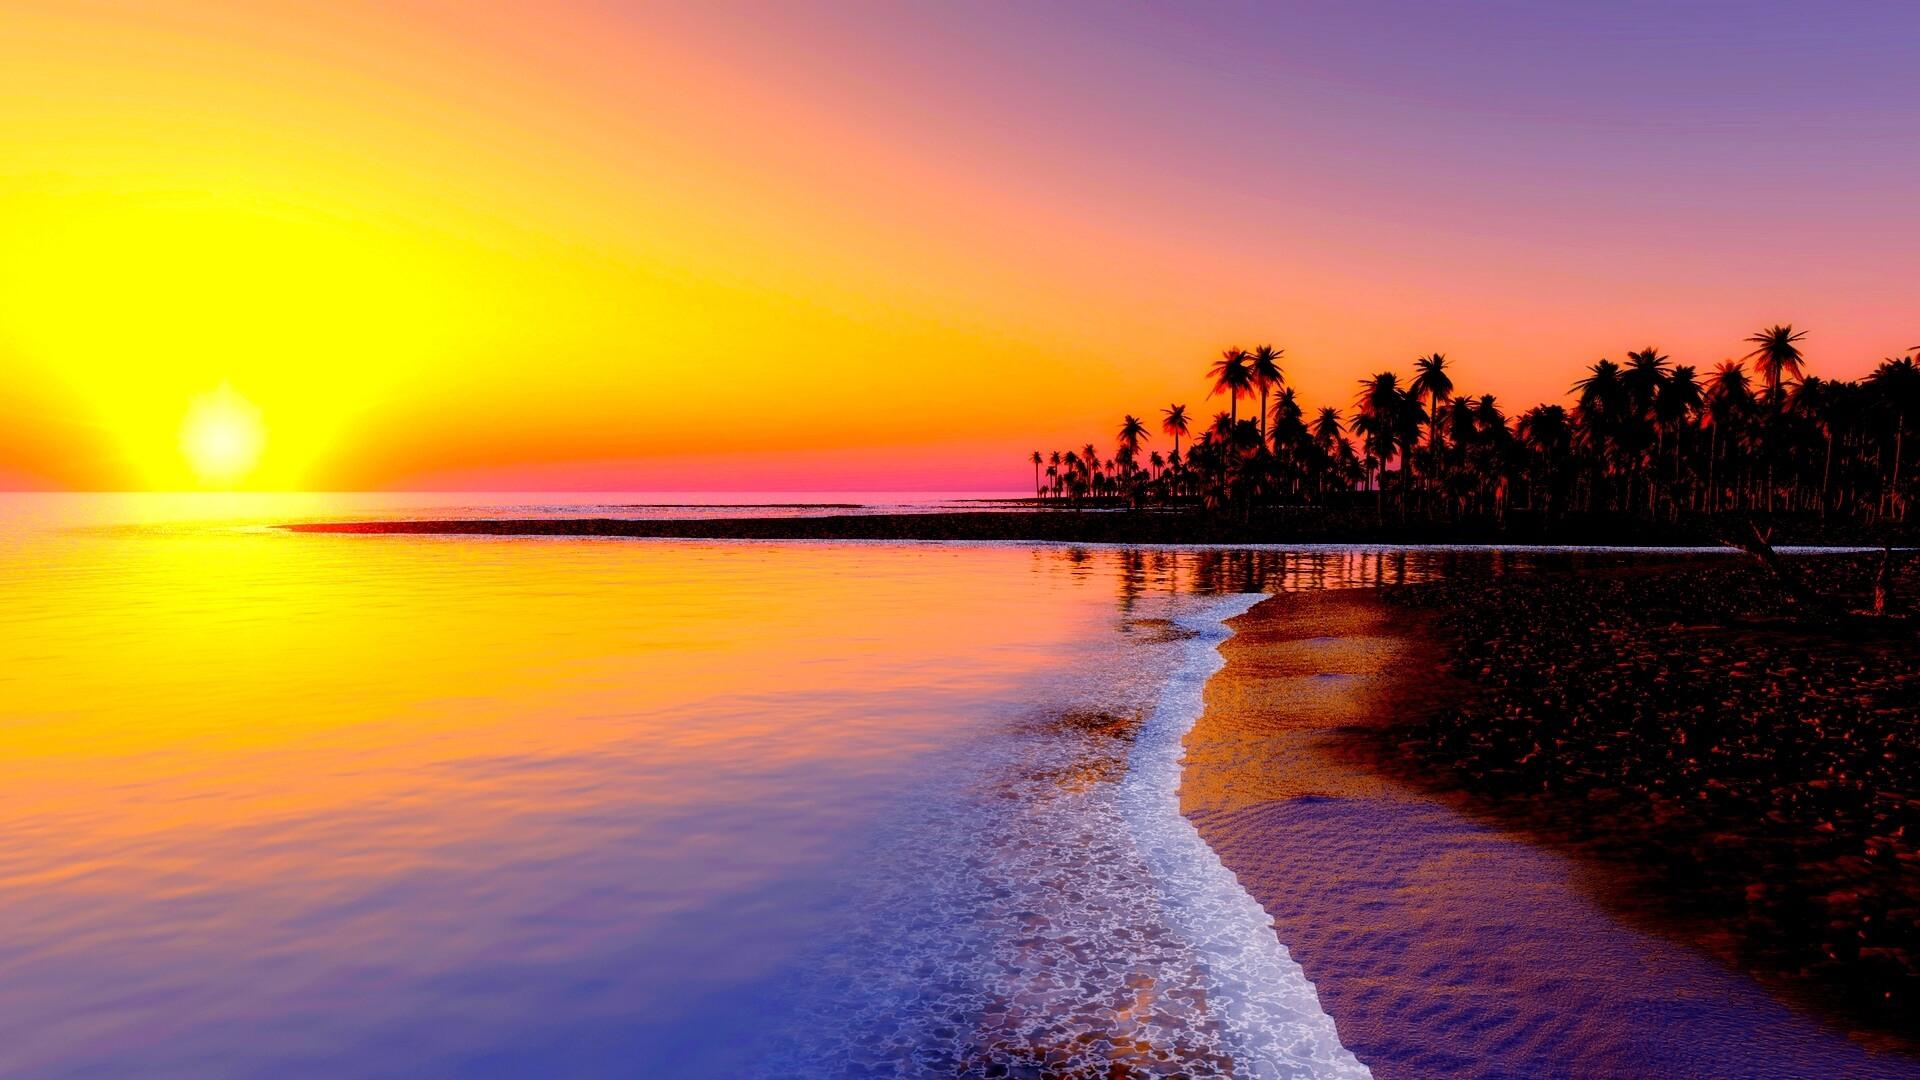 Красивые картинки пляжа для рабочего стола - подборка 10